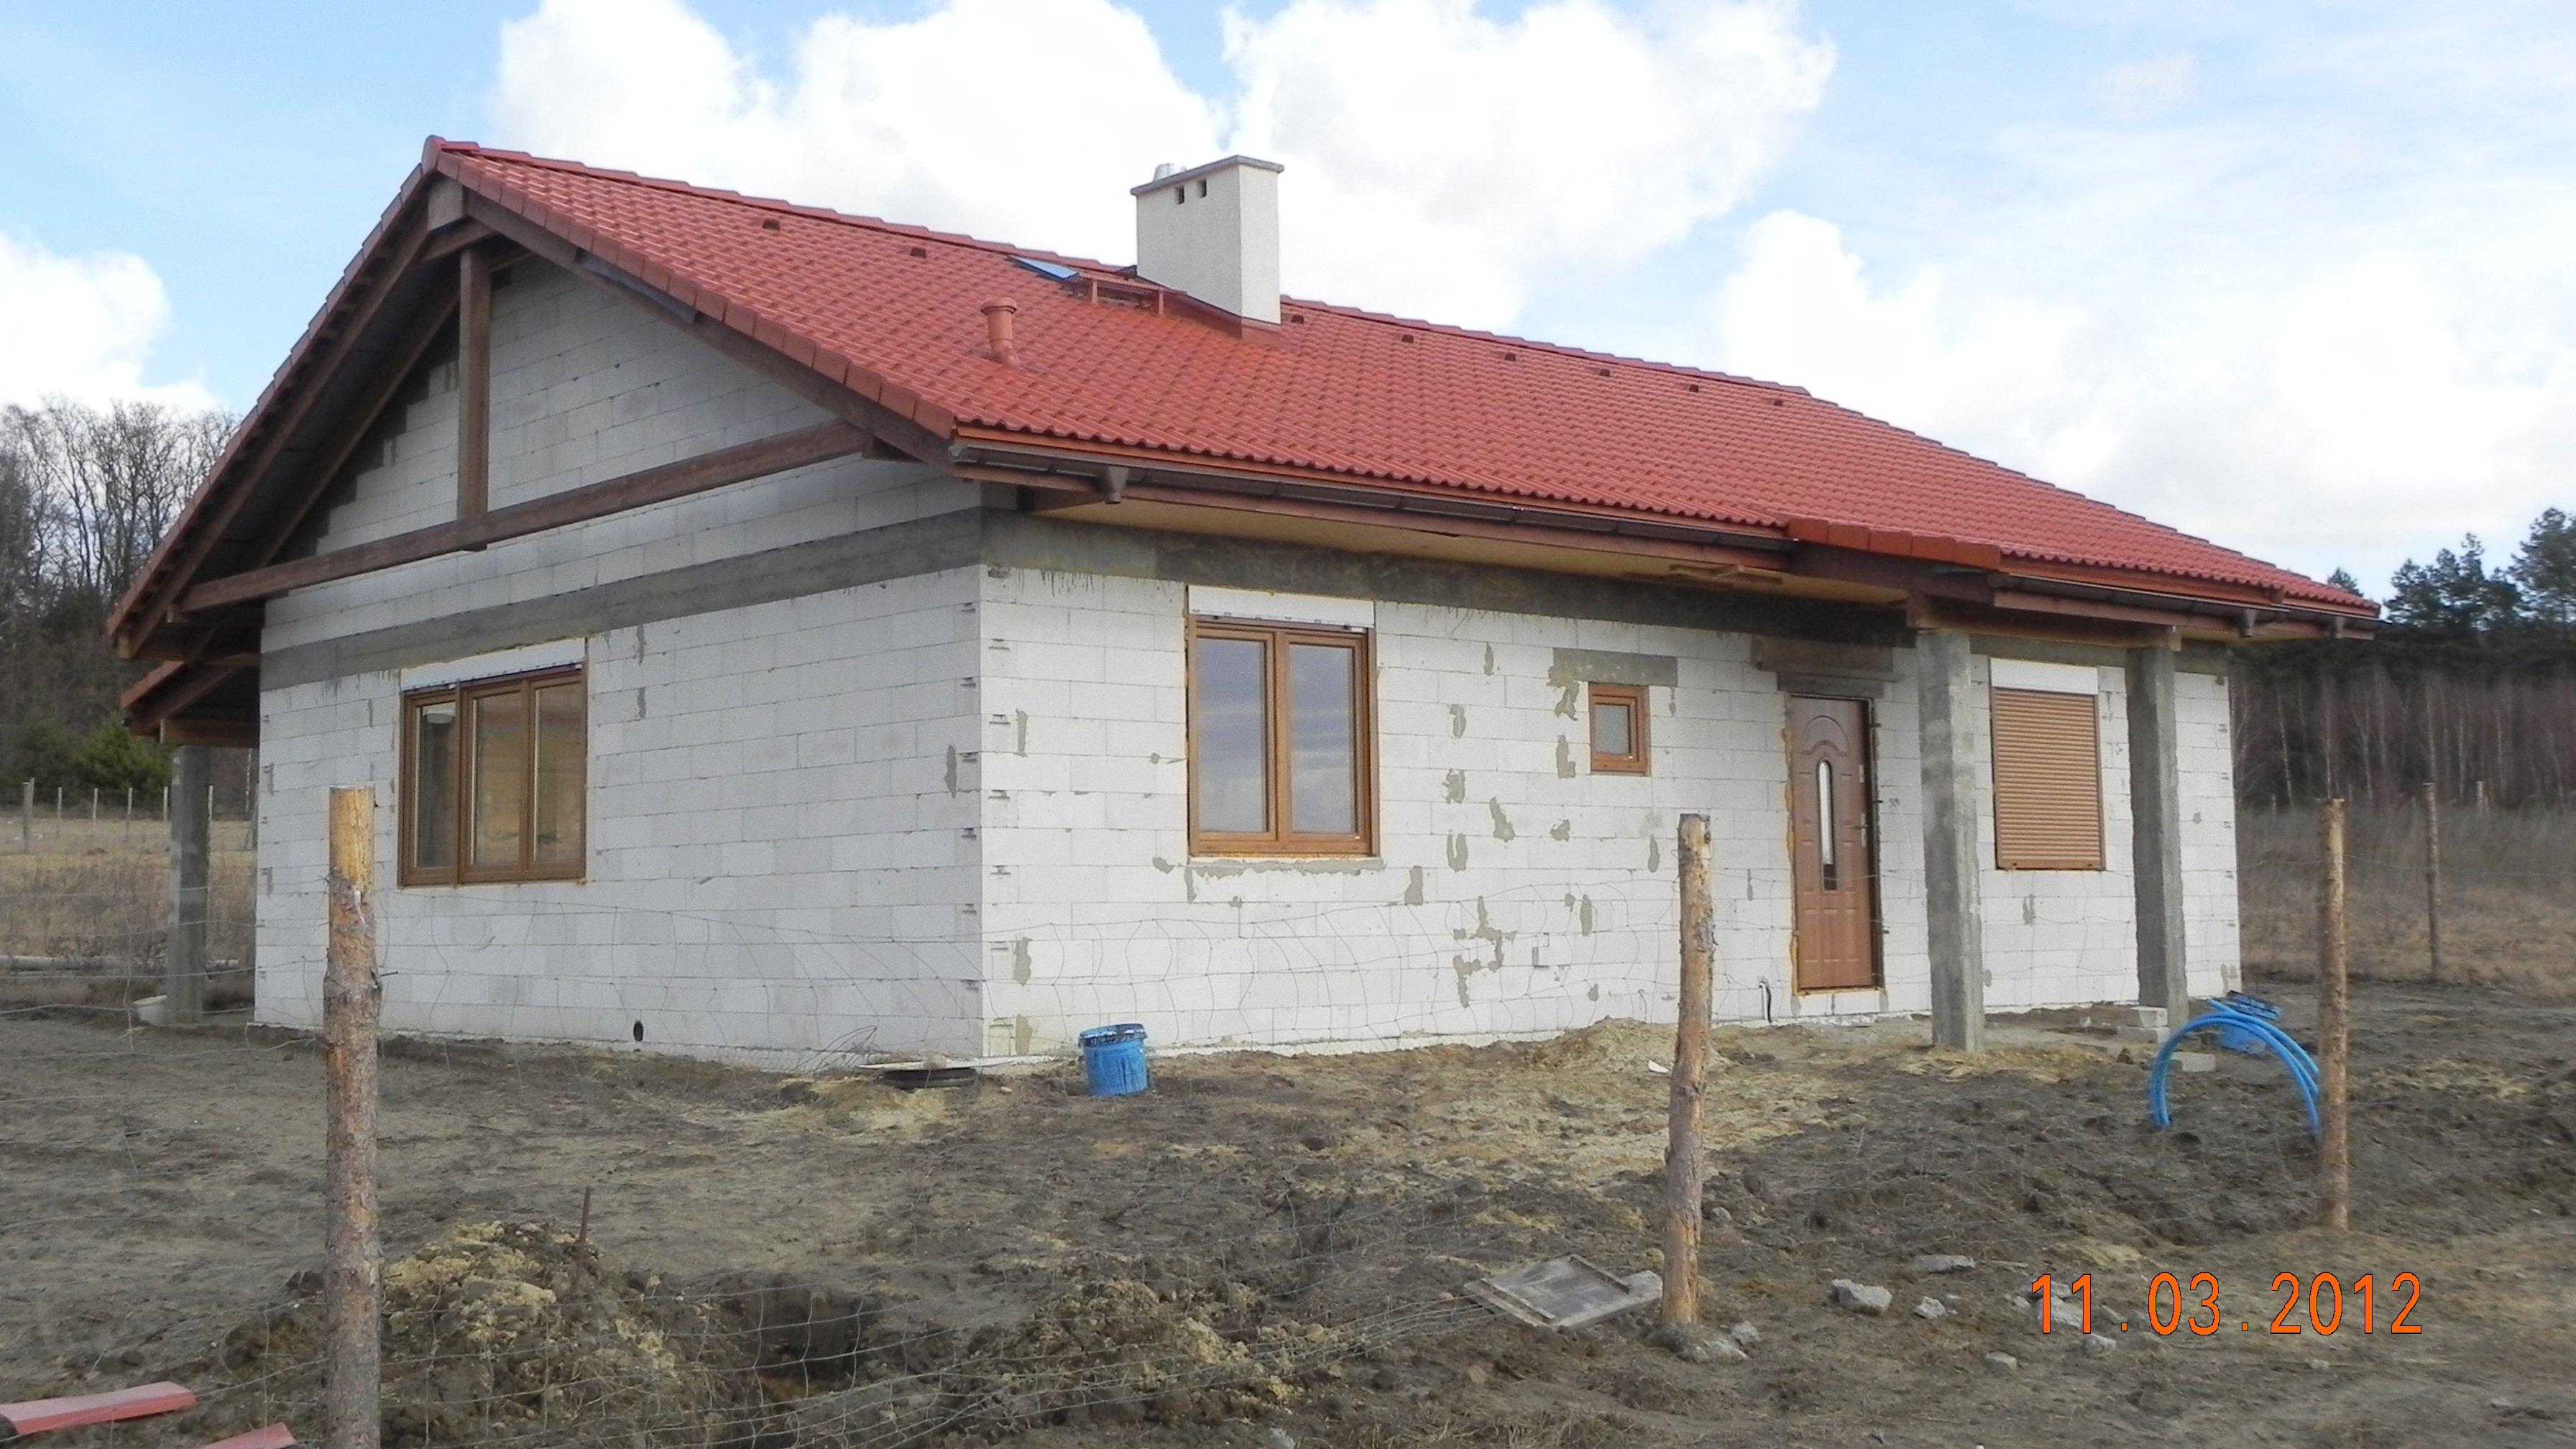 kamil-jezyna-133727915563.jpg